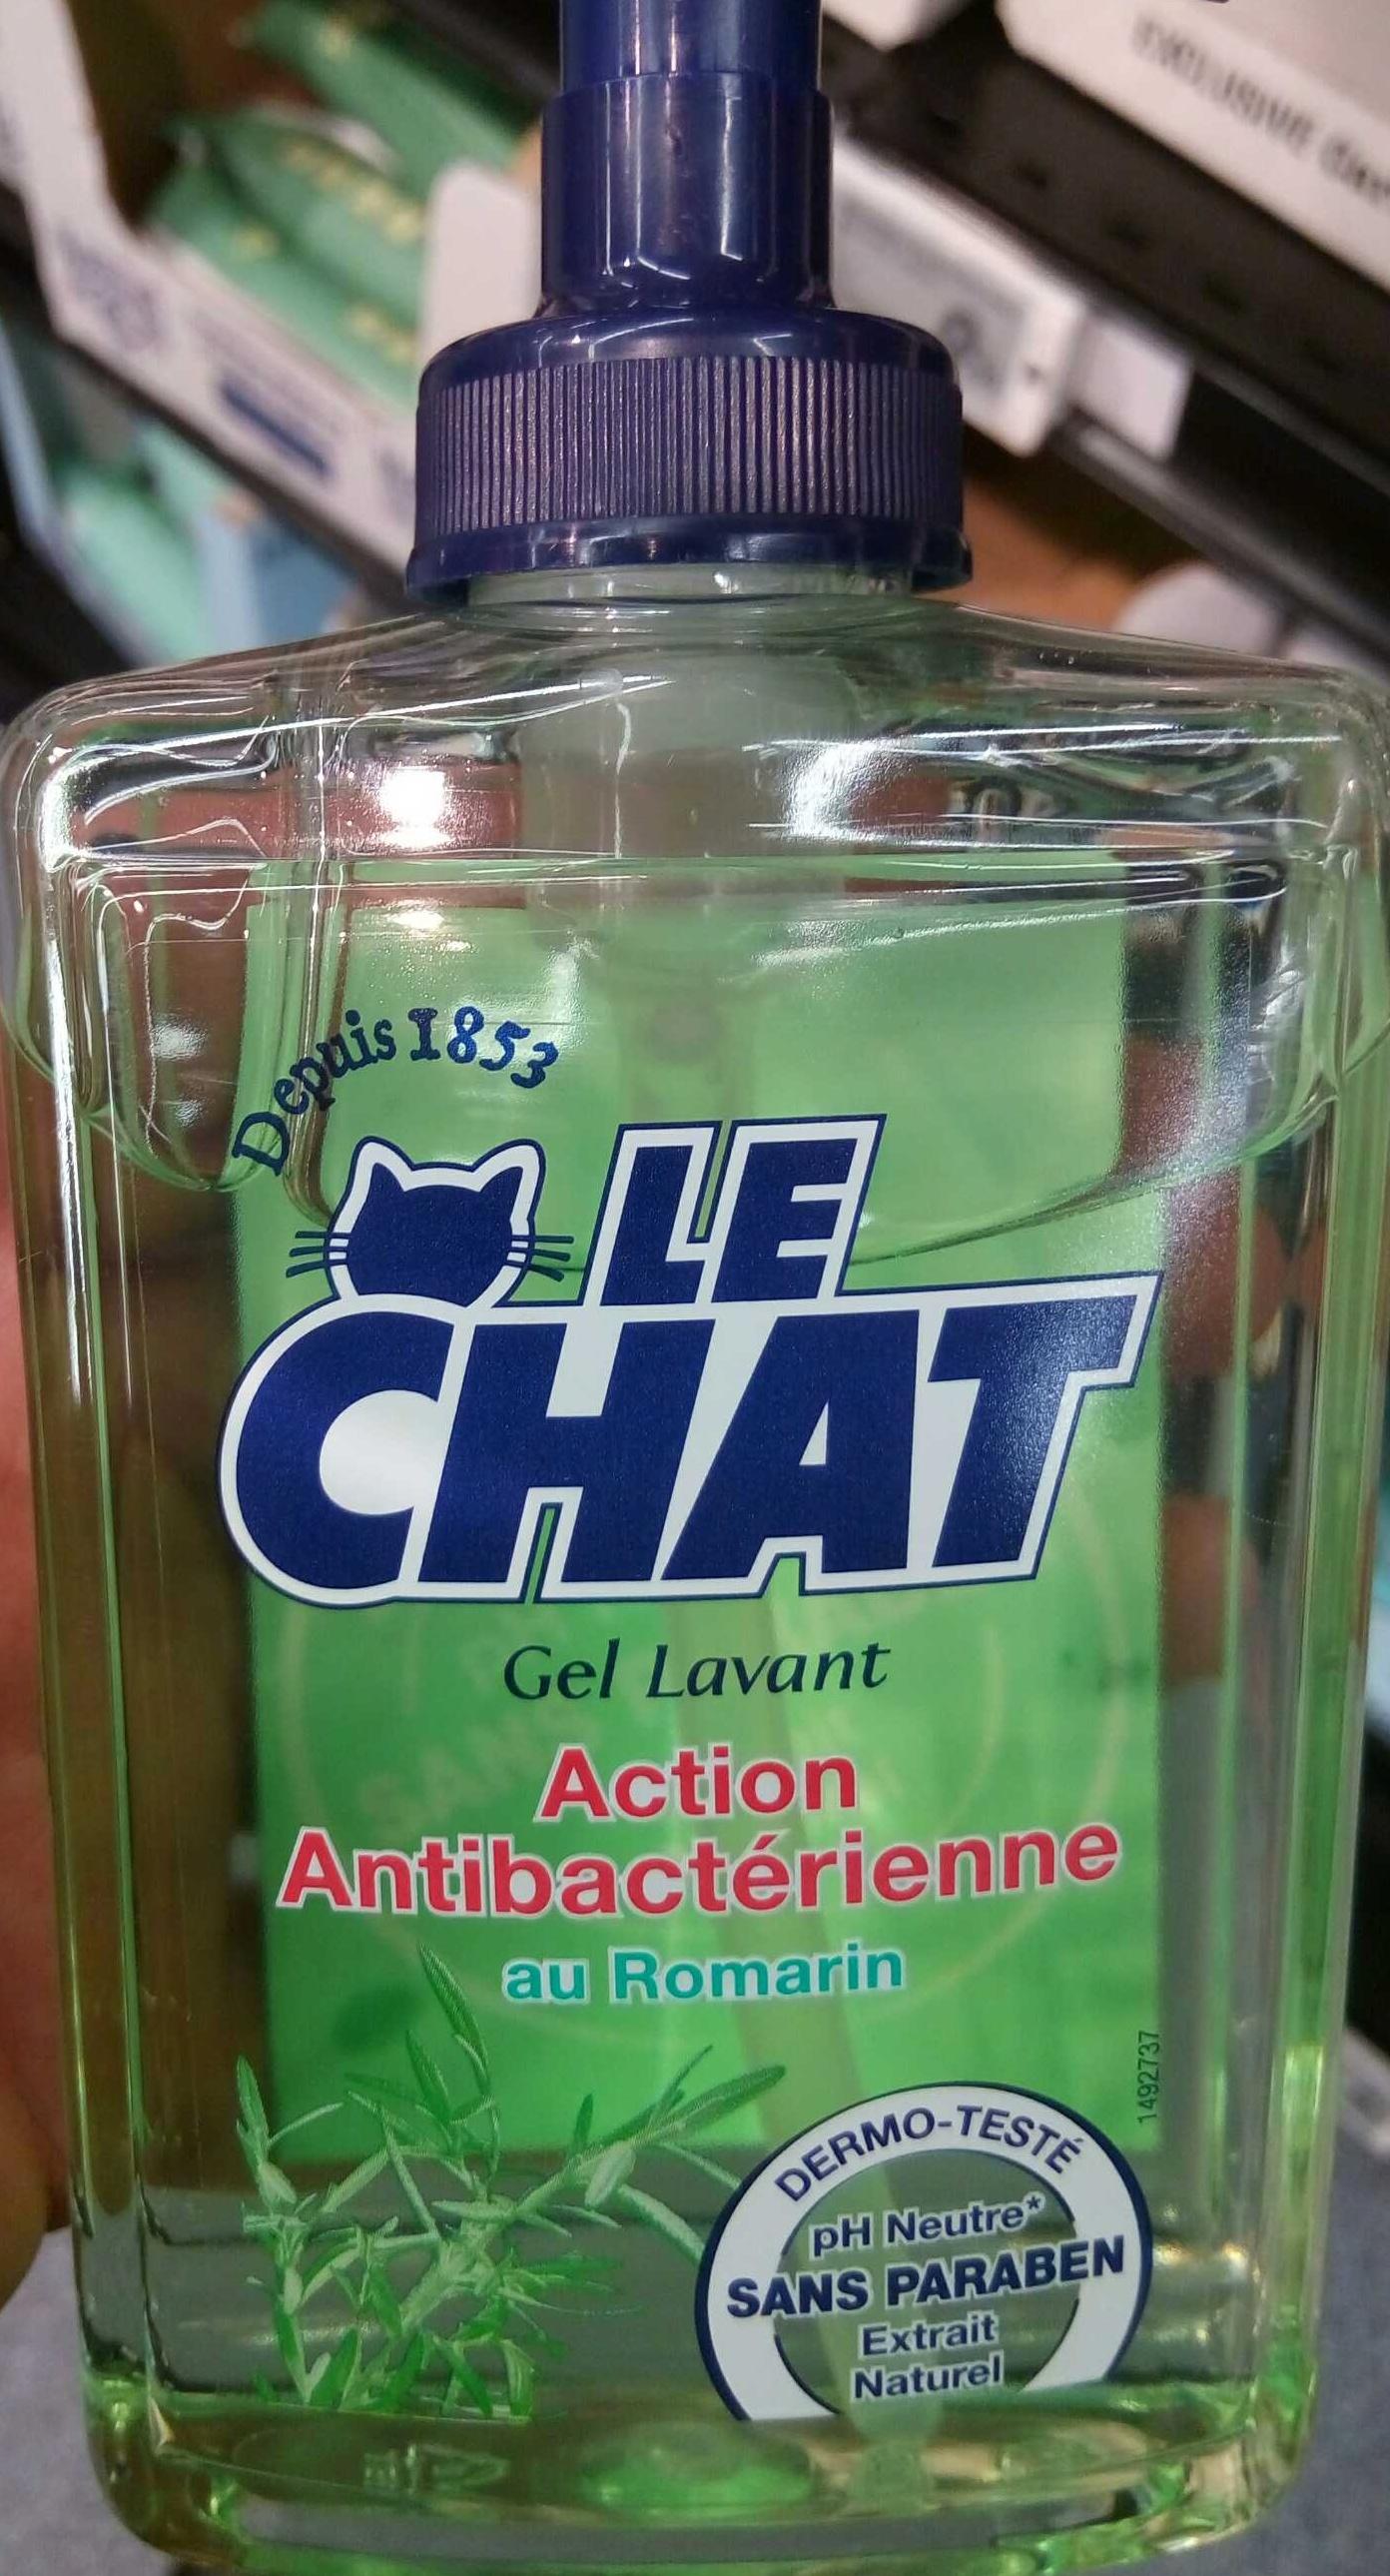 Le Chat Gel lavant Action antibactérienne au Romarin - Produit